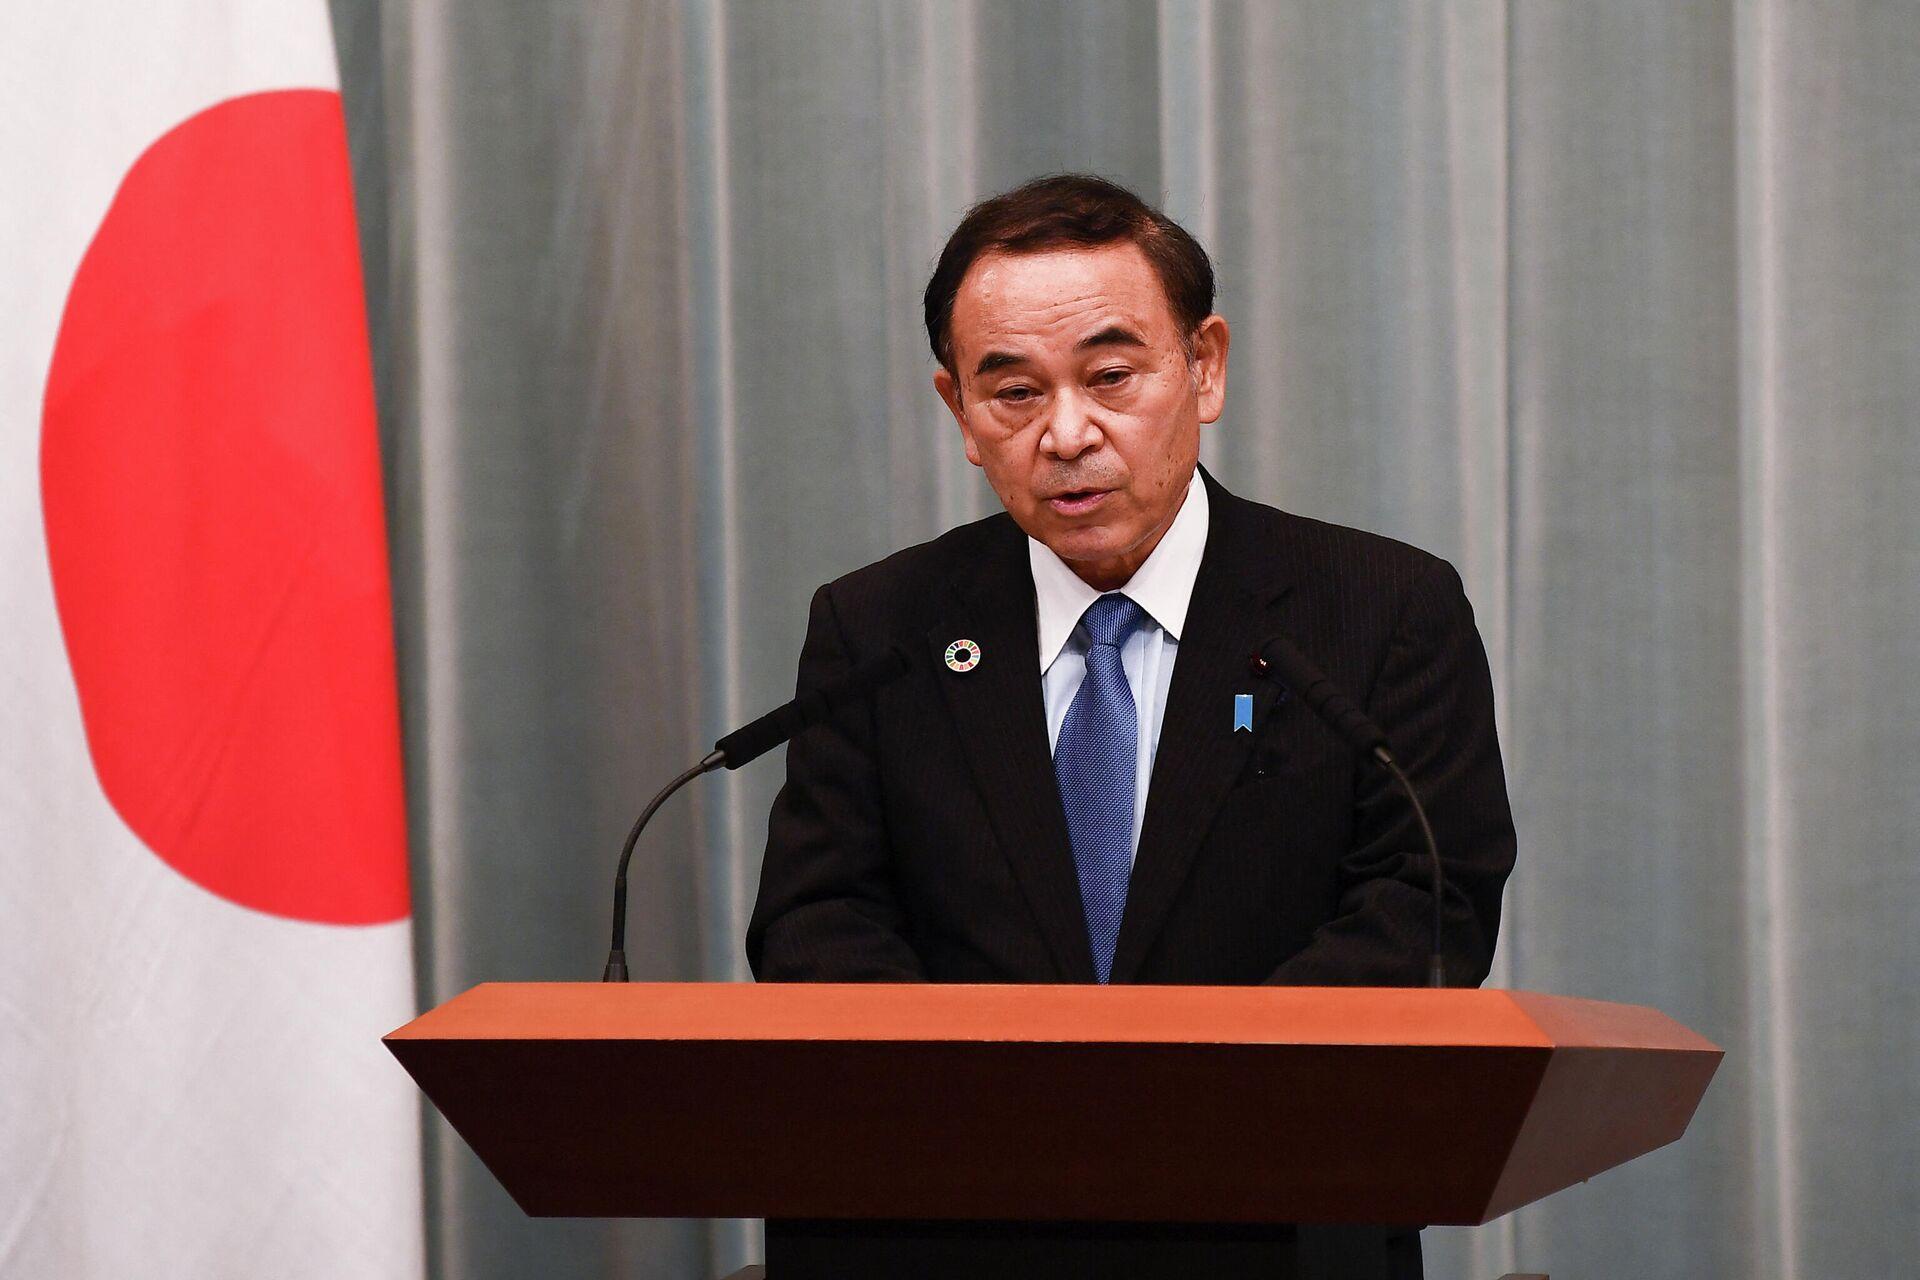 Министр по вопросам регионального развития Тэцуси Сакамото во время пресс-конференции в Токио - РИА Новости, 1920, 19.02.2021